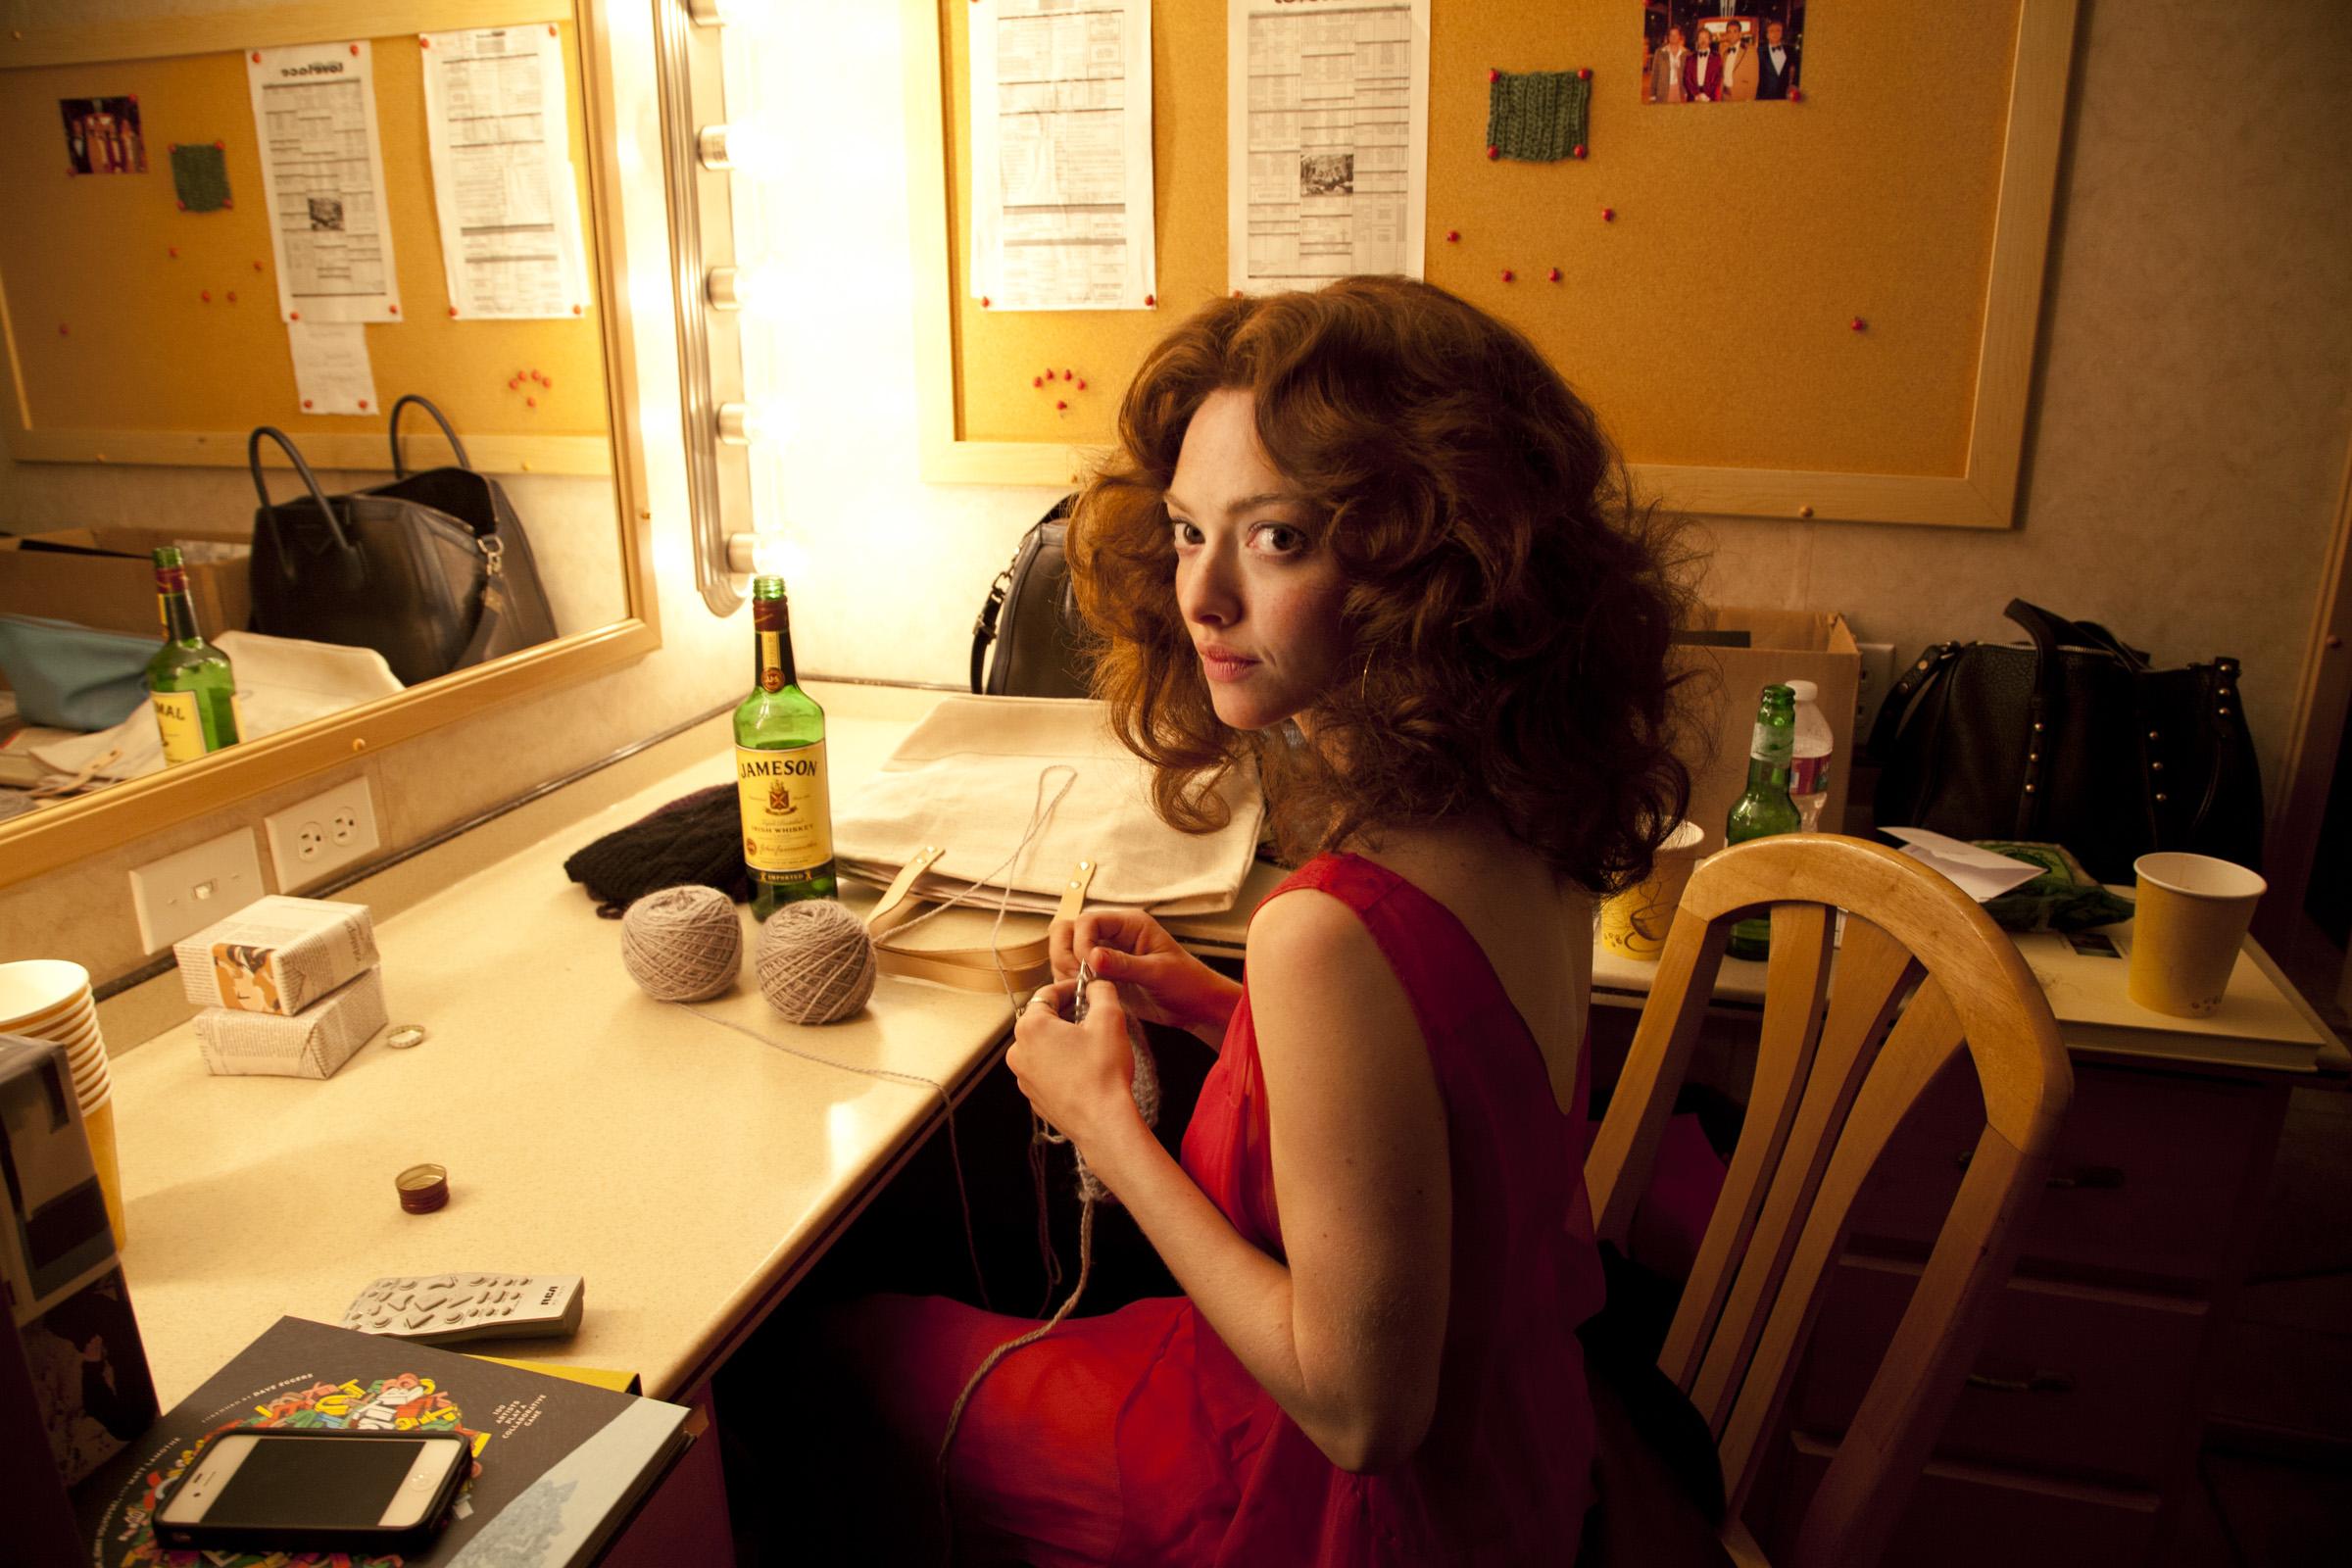 Amanda Seyfried on the set of Lovelace